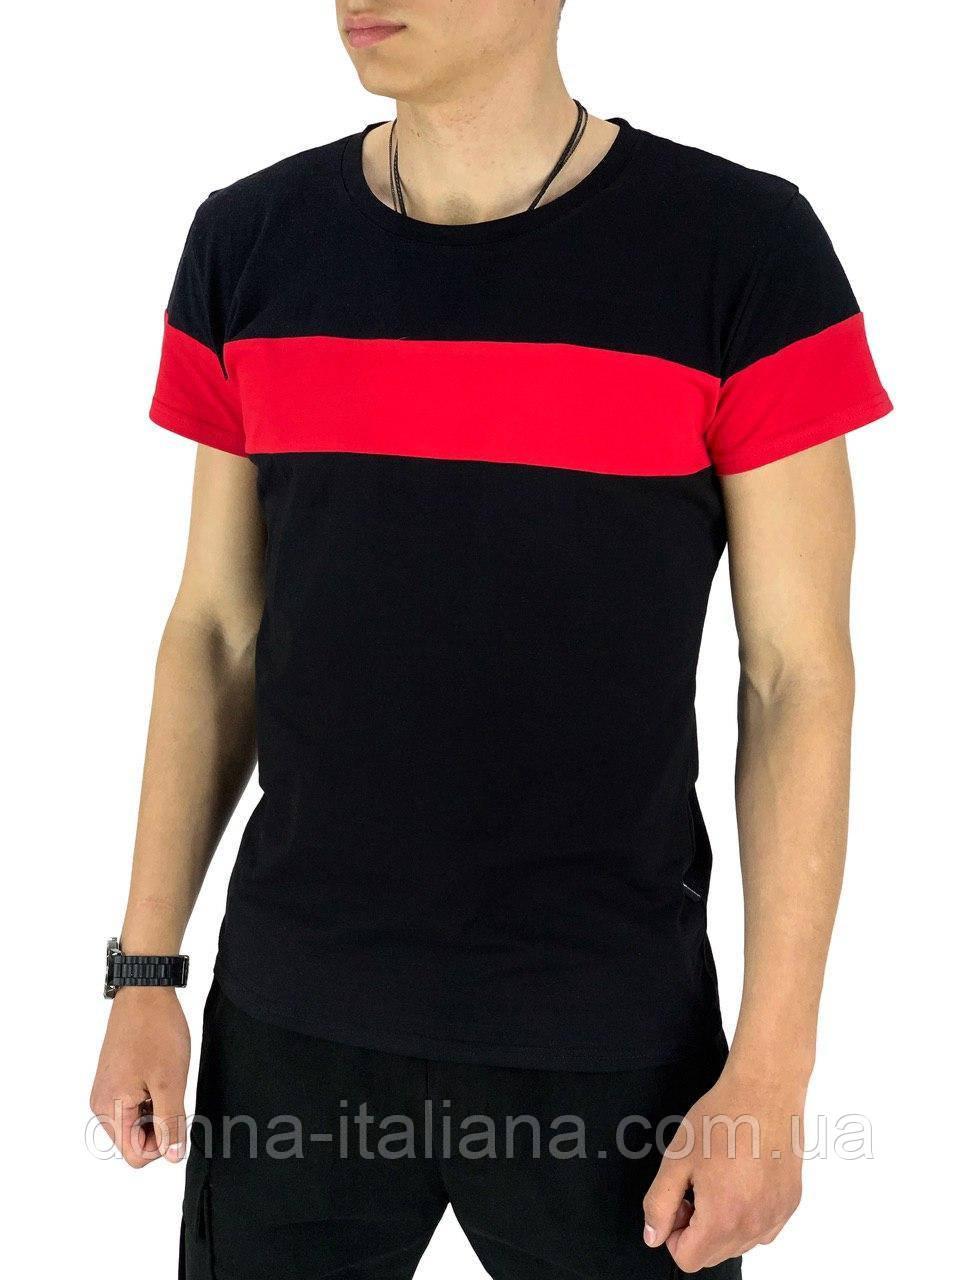 Футболка Intruder Color Stripe L Черный с красным (1589369461/ 2)